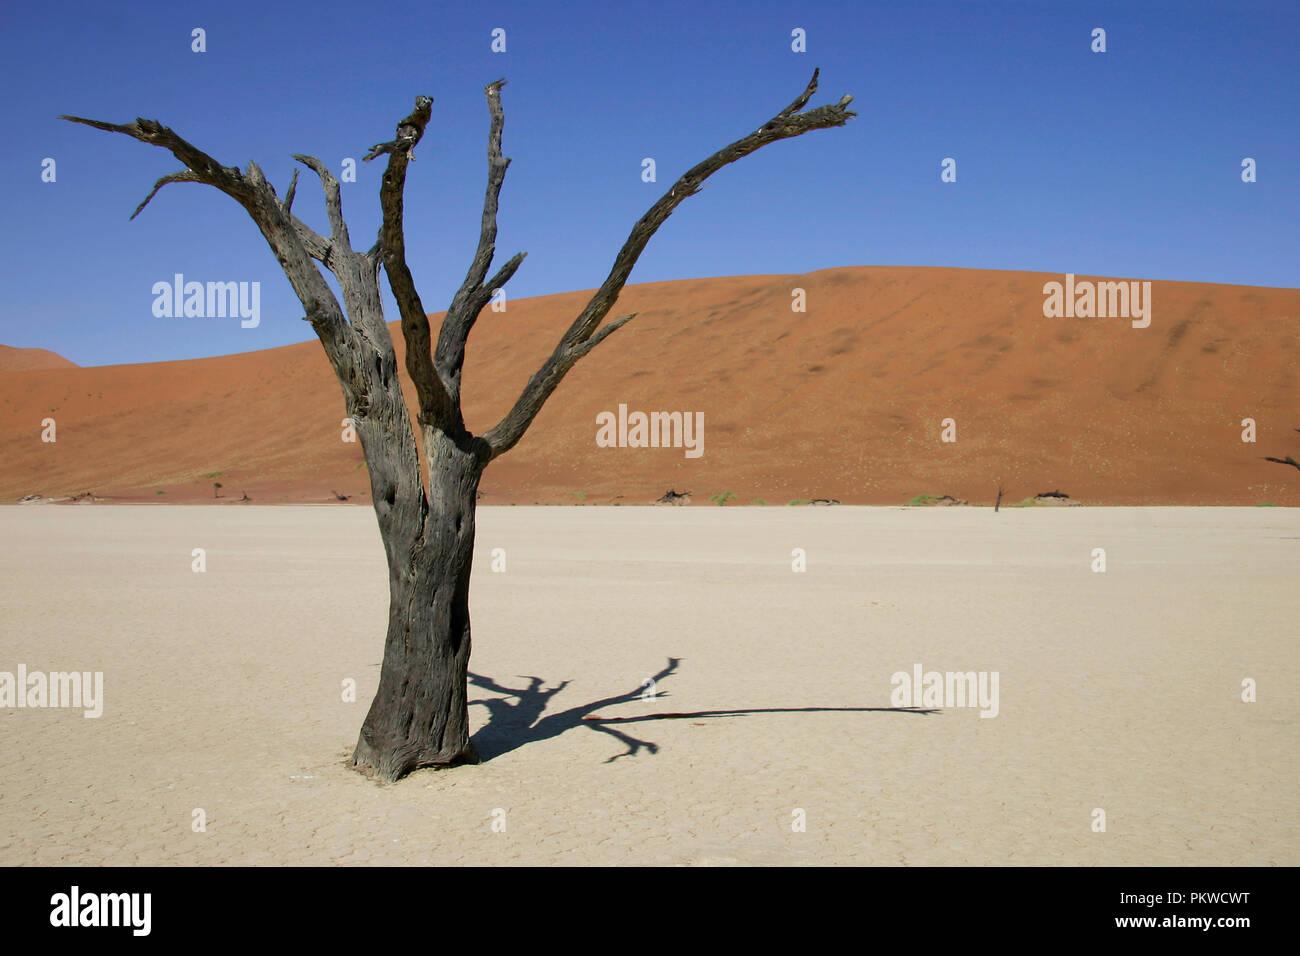 Vue sur le désert de Namib à Sossusvlei, un sel et de l'argile pan entouré de hautes dunes rouges, situé dans la partie sud du désert du Namib. Banque D'Images